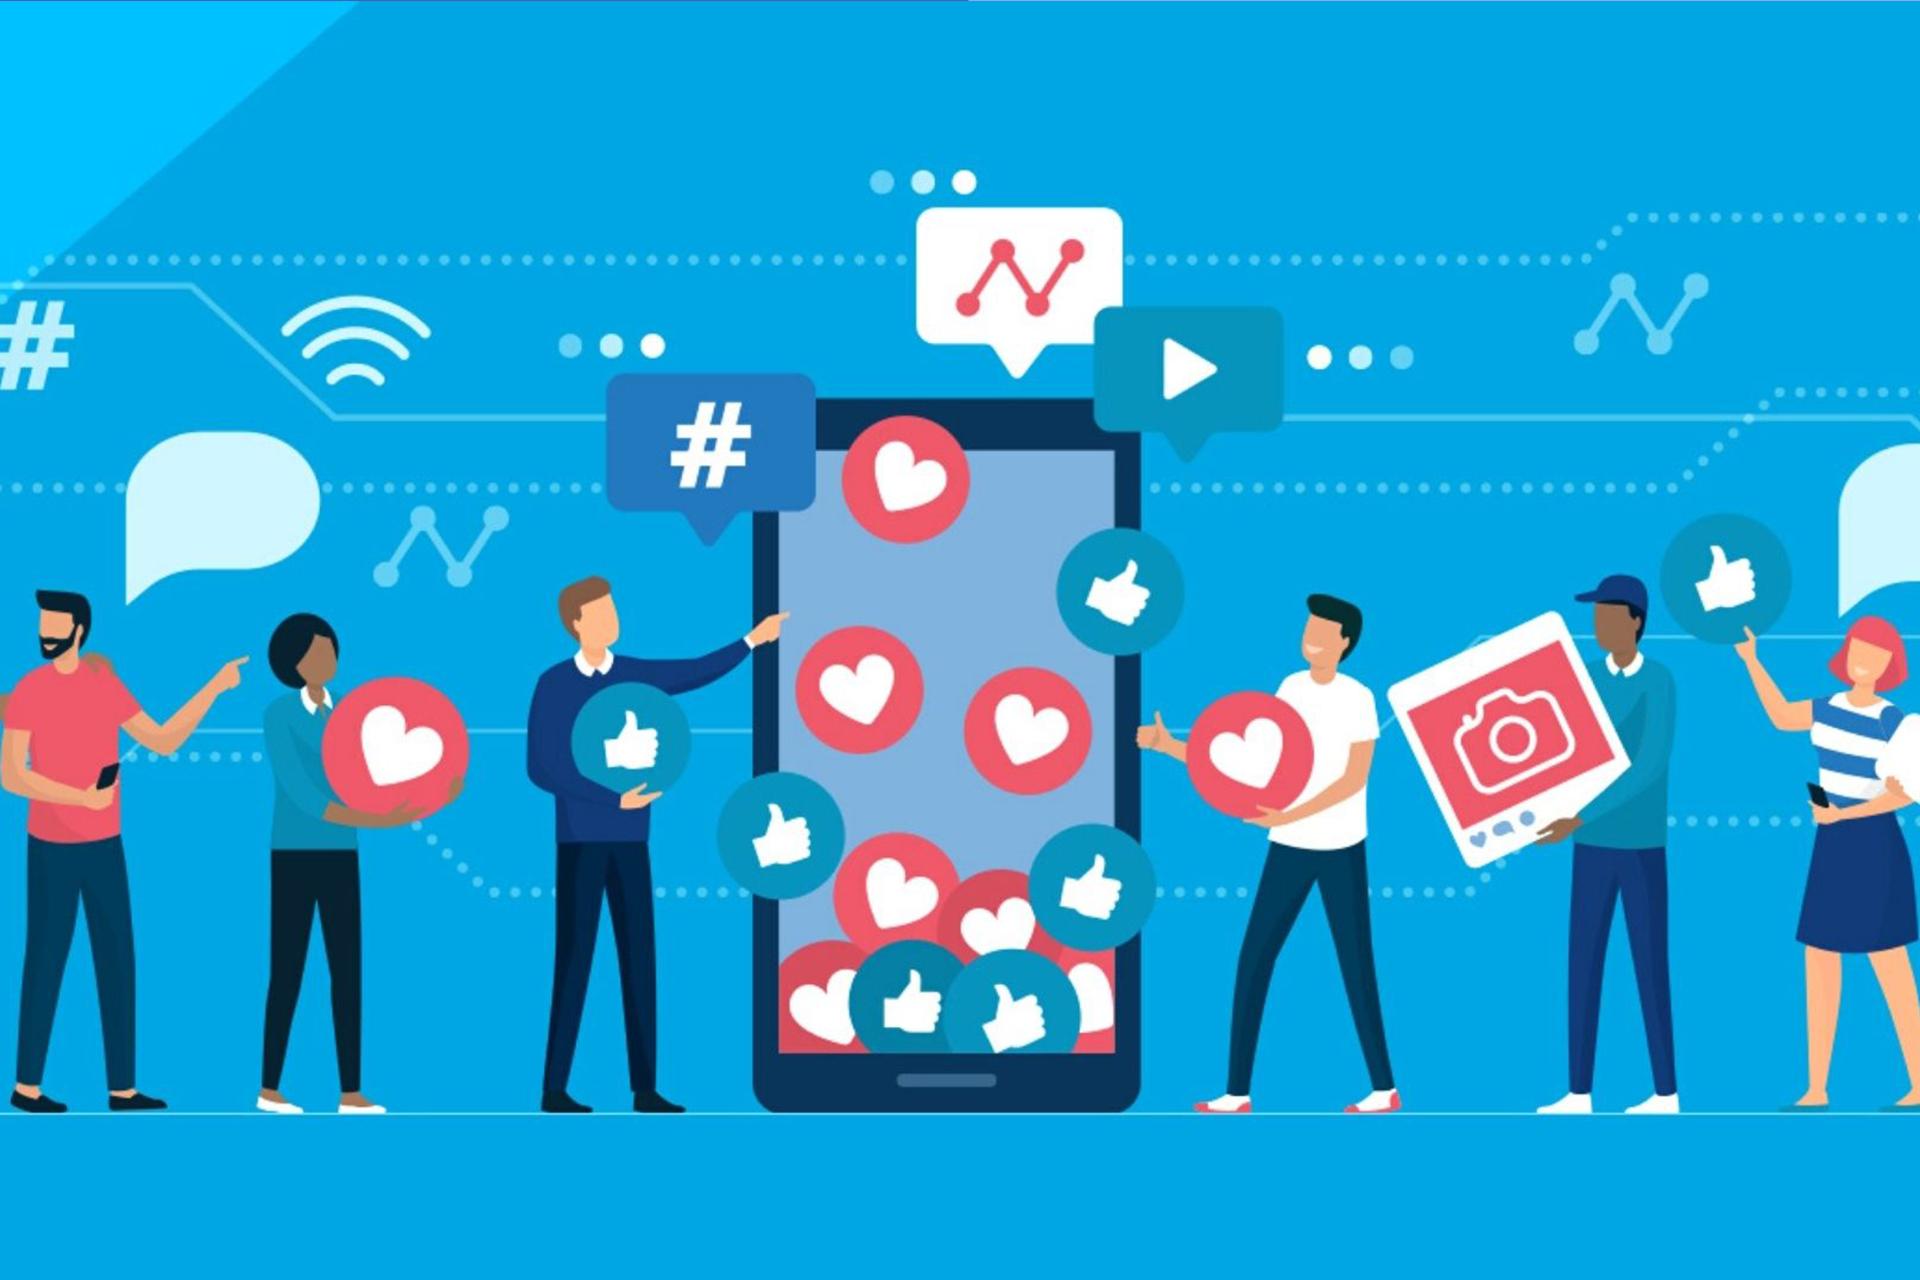 Qué es lo que más nos molesta de las marcas en redes sociales